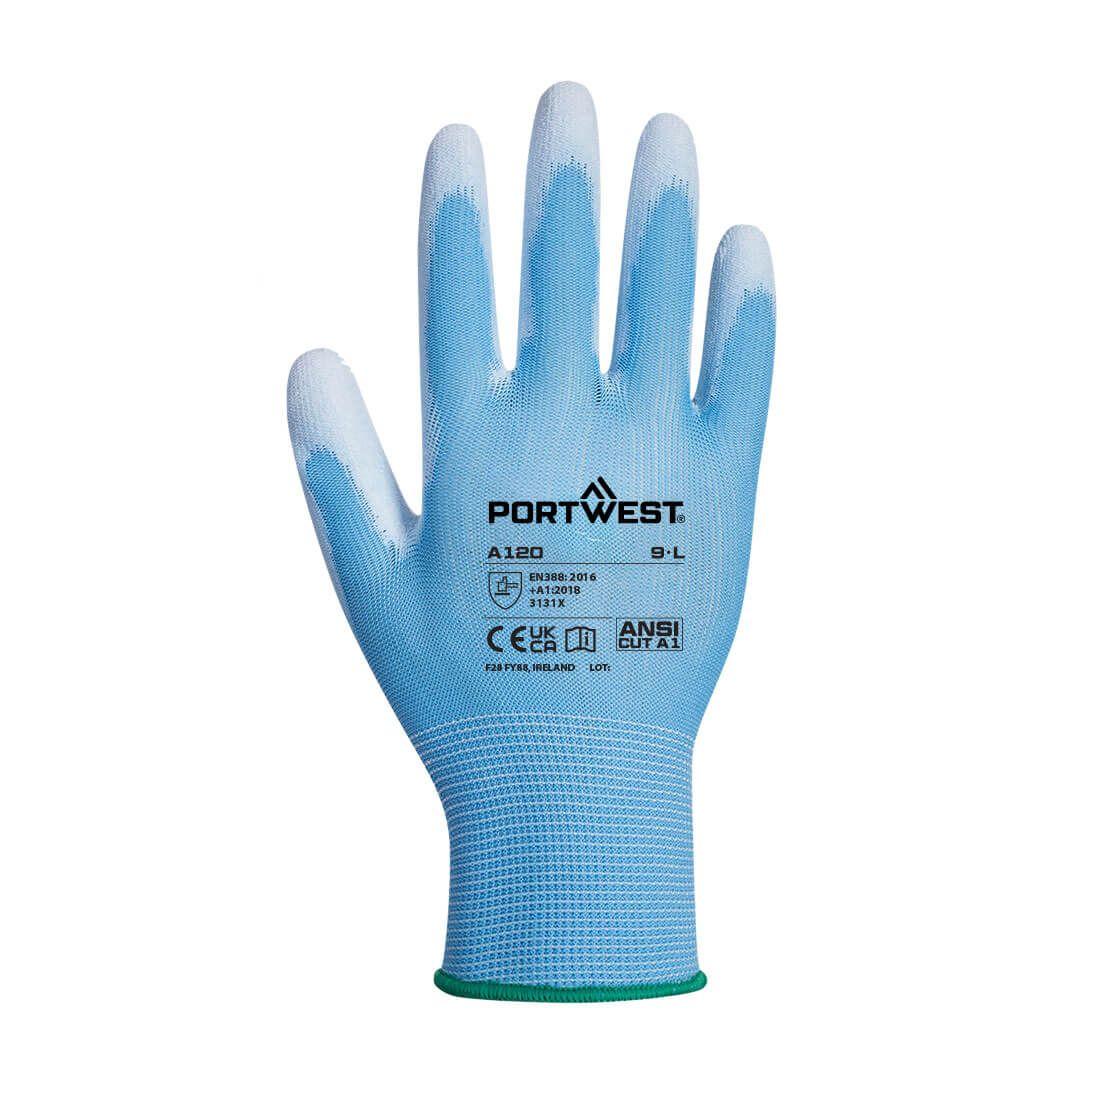 Portwest Handschoenen A120 blauw(B4)